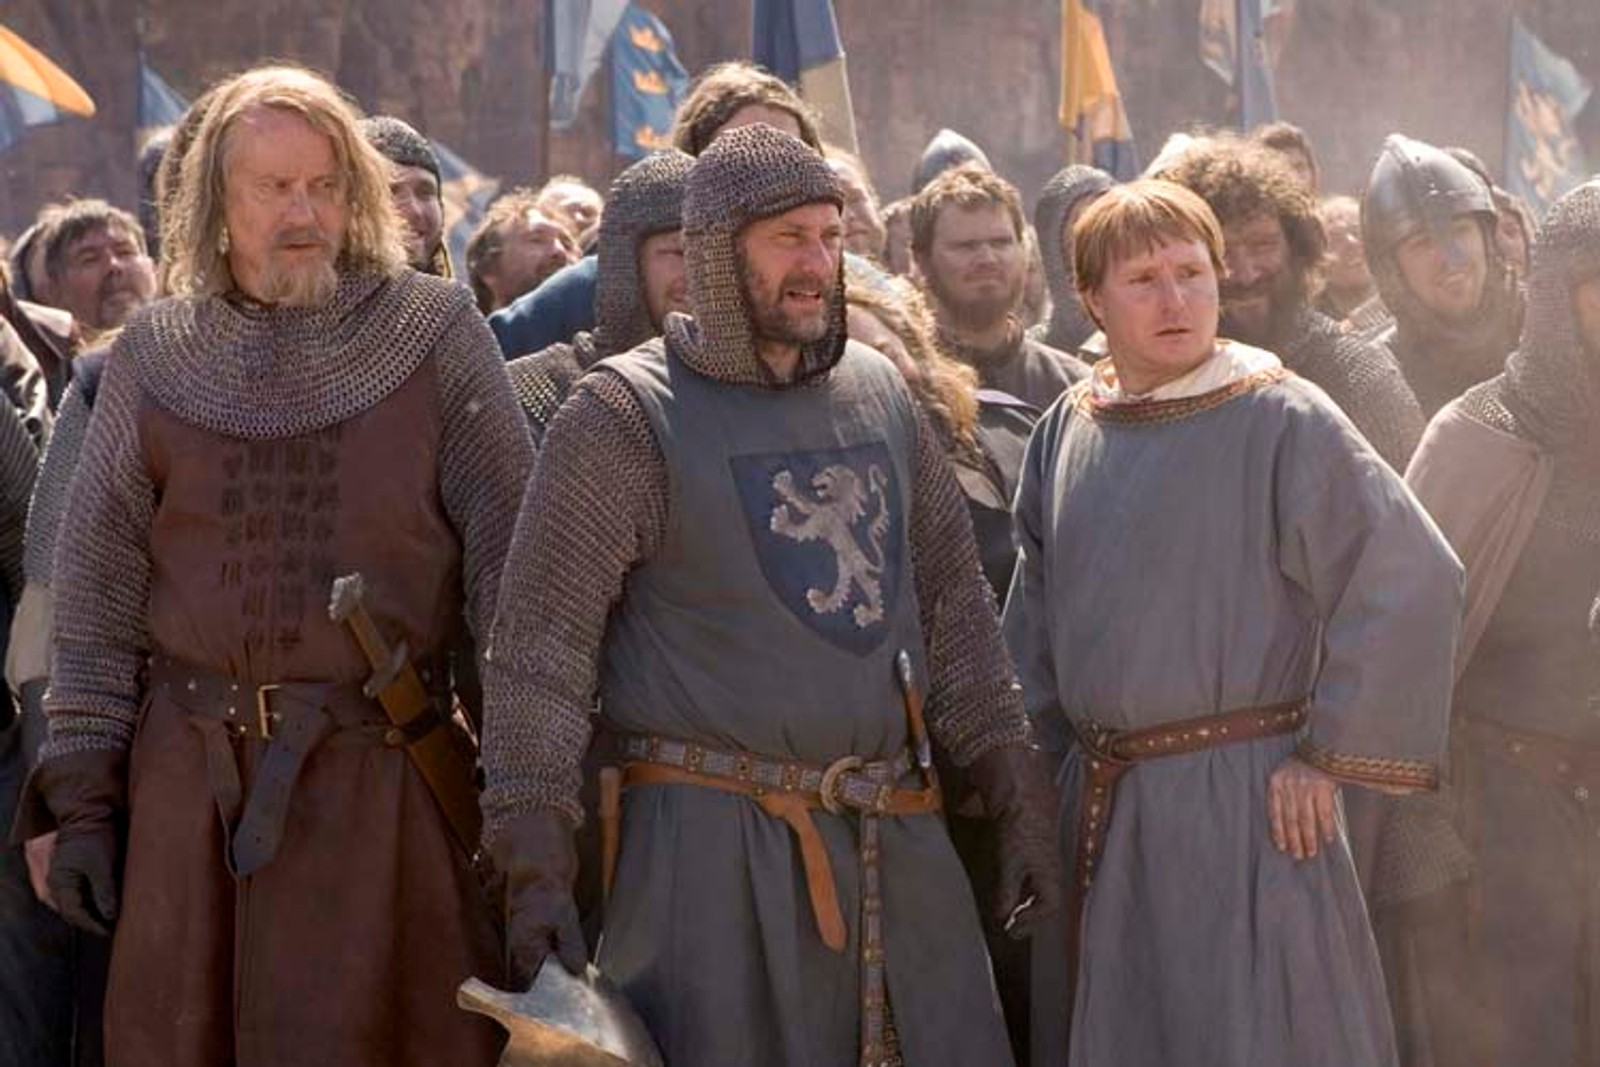 HISTORISK DRAMA: Birger Brosa (Stellan Skarsgård), Magnus Folkesson (Michael Nyqvist) og Eskil Magnusson (Morgan Alling) ser duellen mellom Arn og Ulbane i Axevalla.